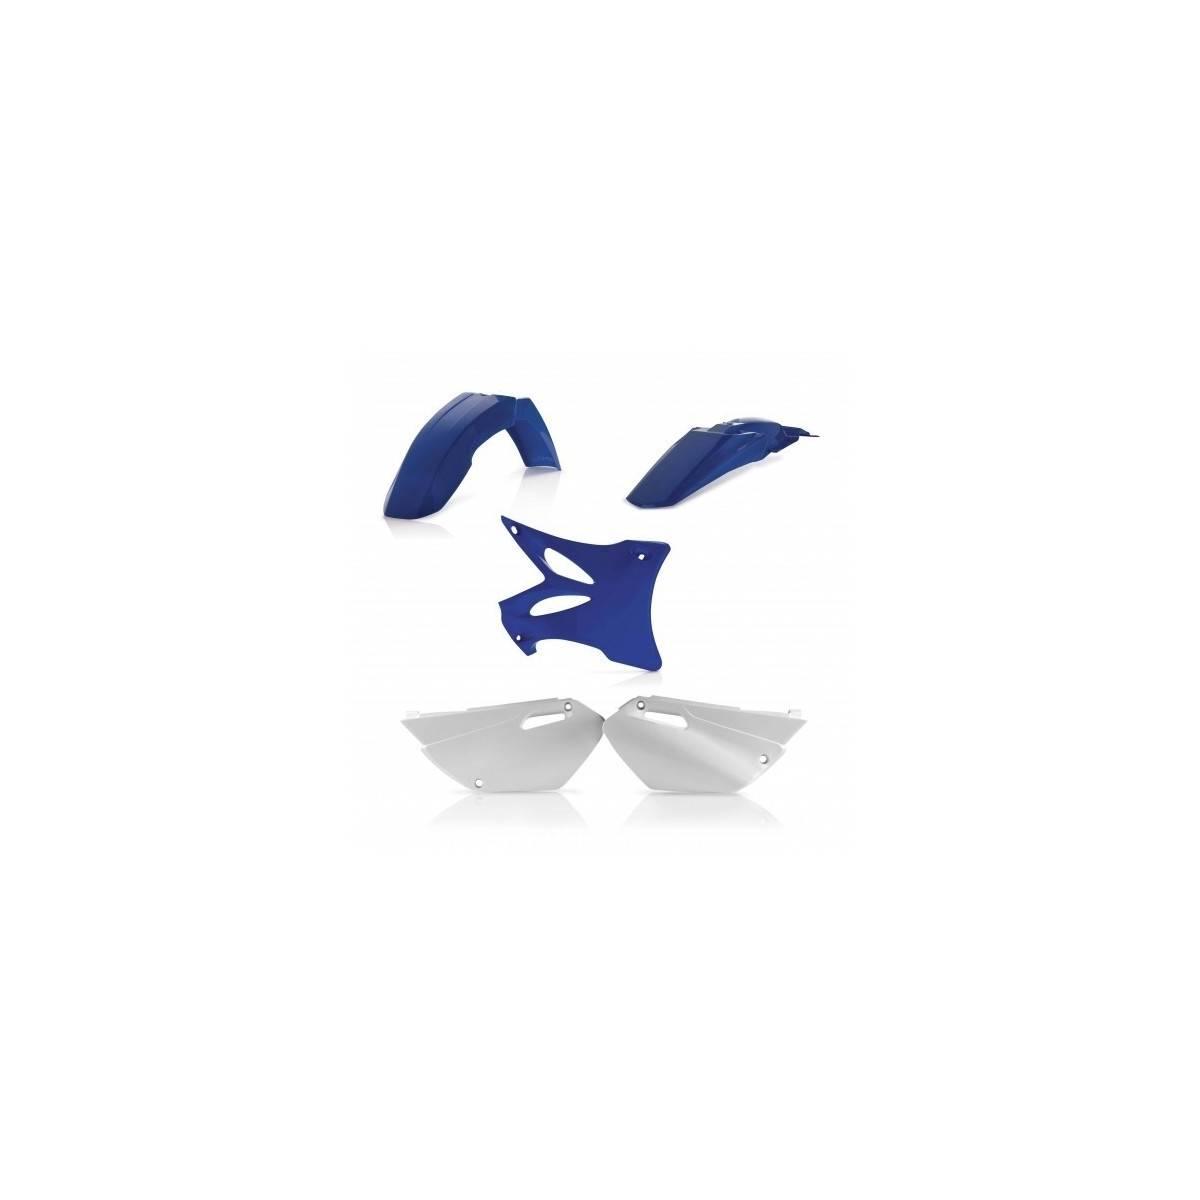 0017562-553 - Kit Plasticos Yzf 250 Yzf 450 14 17 Origen